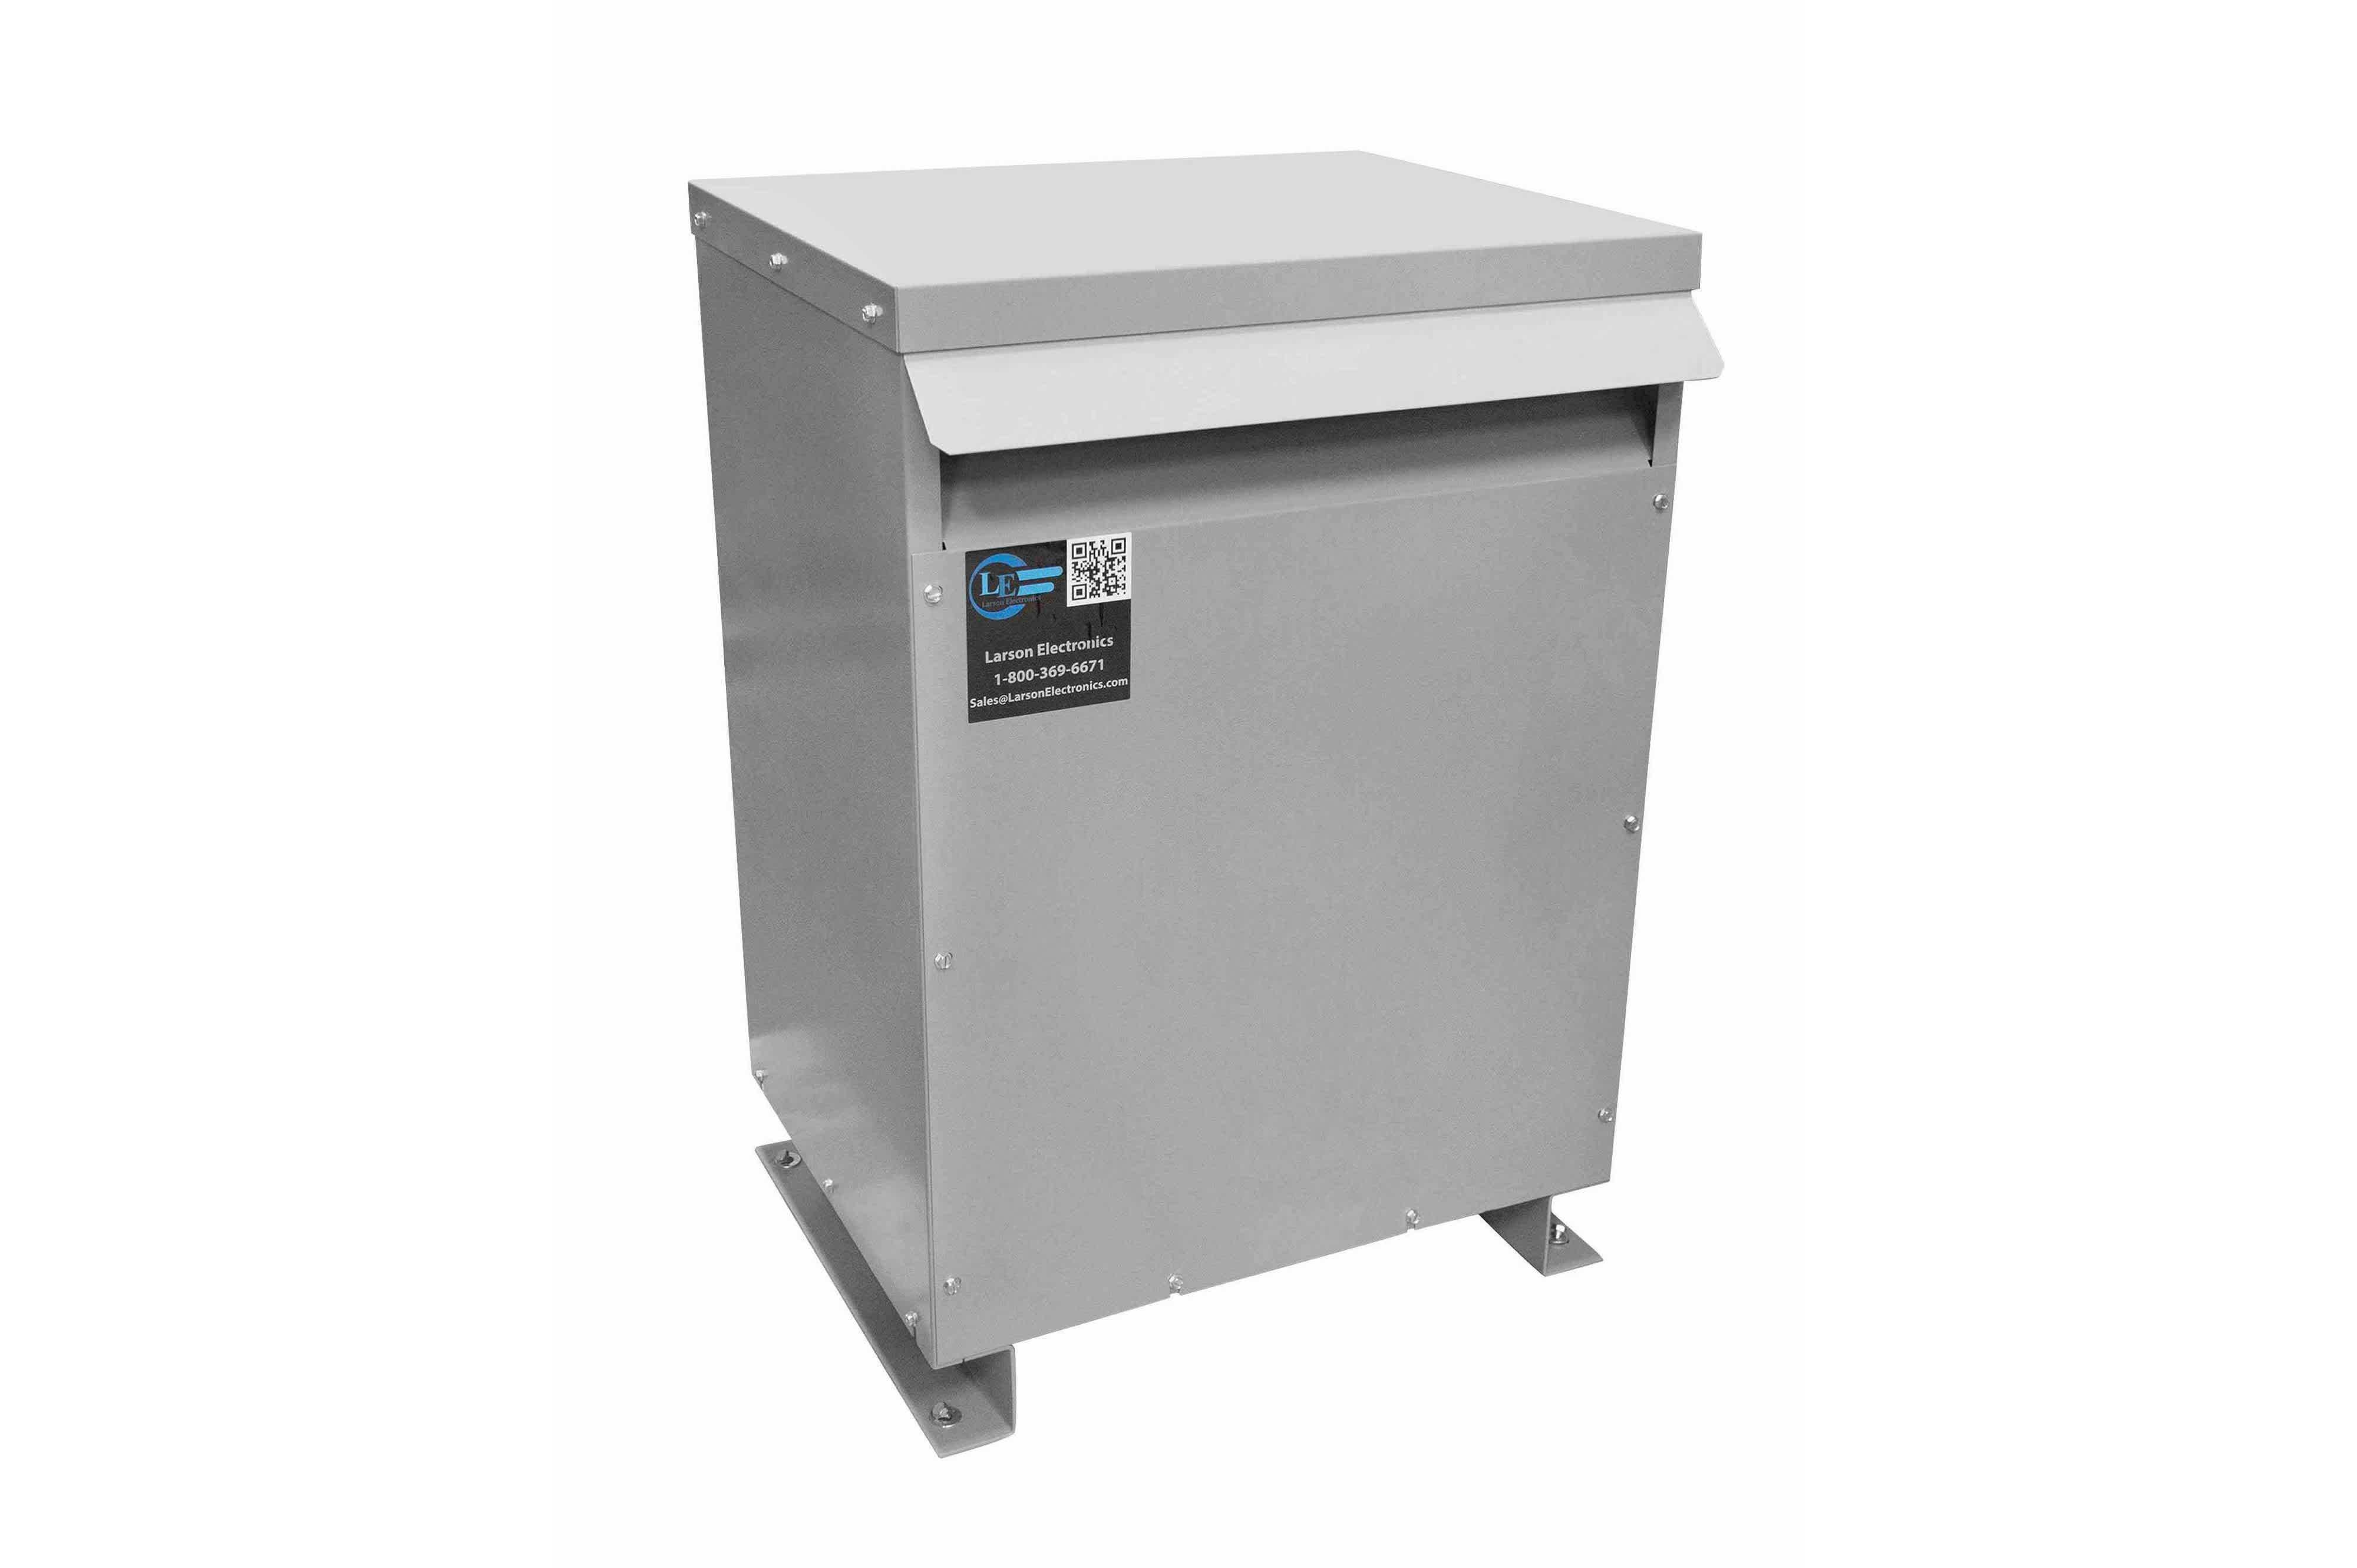 13 kVA 3PH Isolation Transformer, 575V Delta Primary, 380V Delta Secondary, N3R, Ventilated, 60 Hz